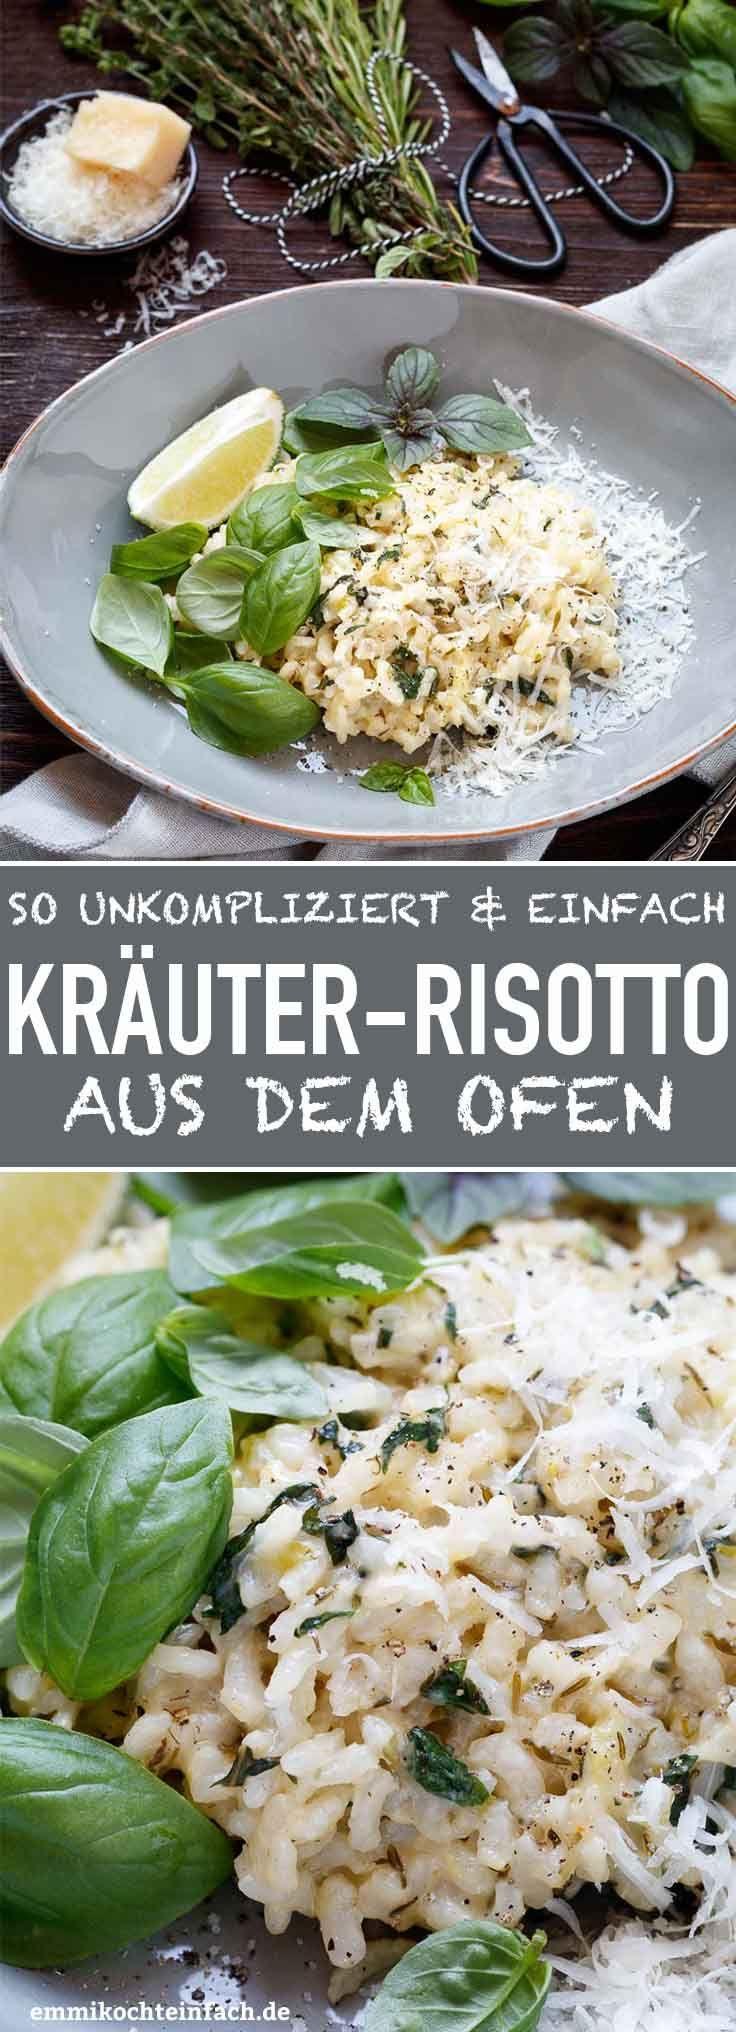 Kräuter-Risotto aus dem Ofen